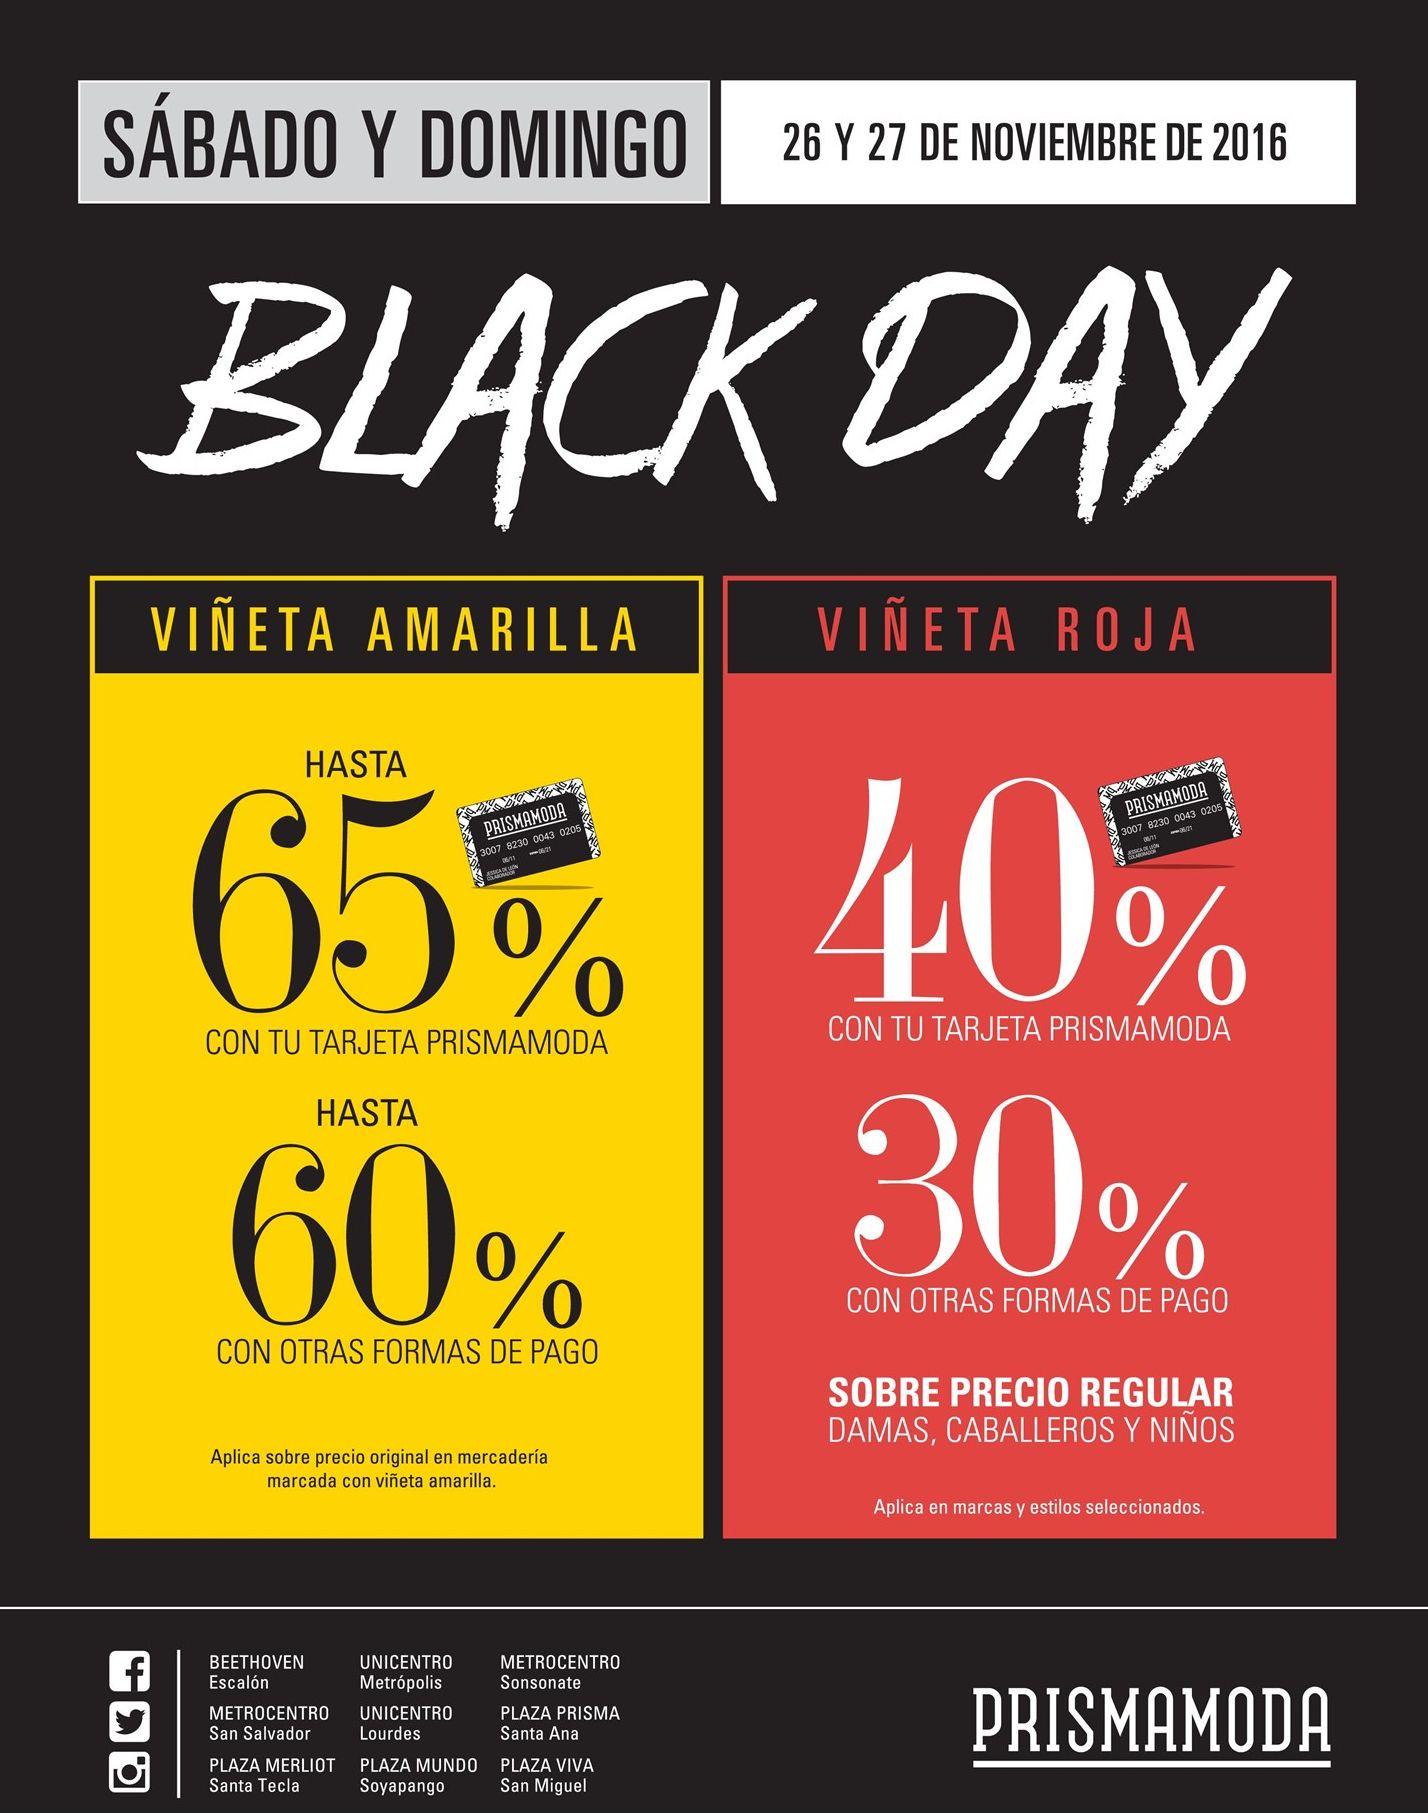 sabado-y-domingo-con-ofertas-black-day-de-prisma-moda